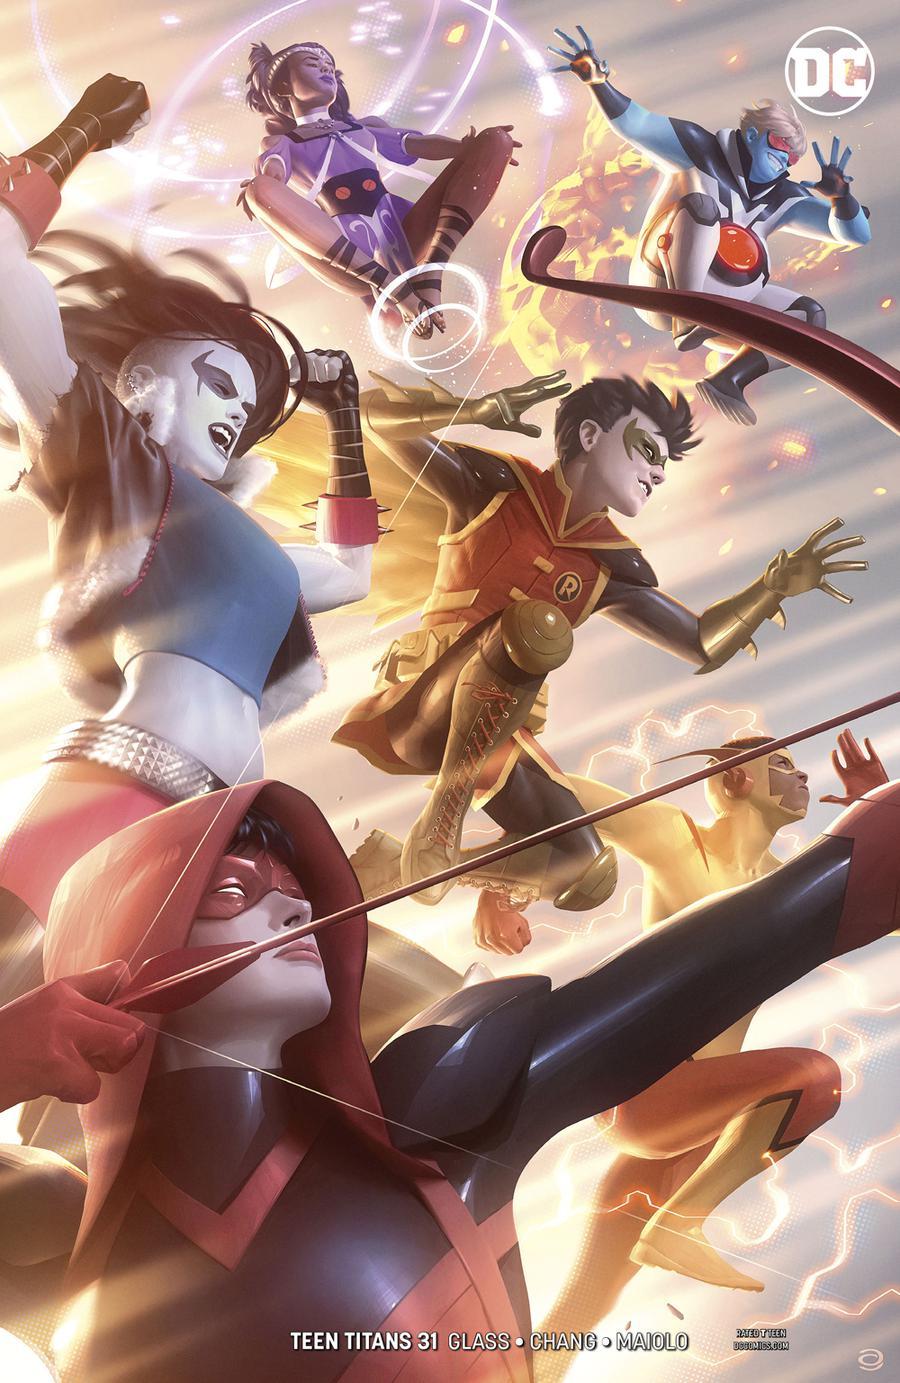 Teen Titans Vol 6 #31 Cover B Variant Alex Garner Cover